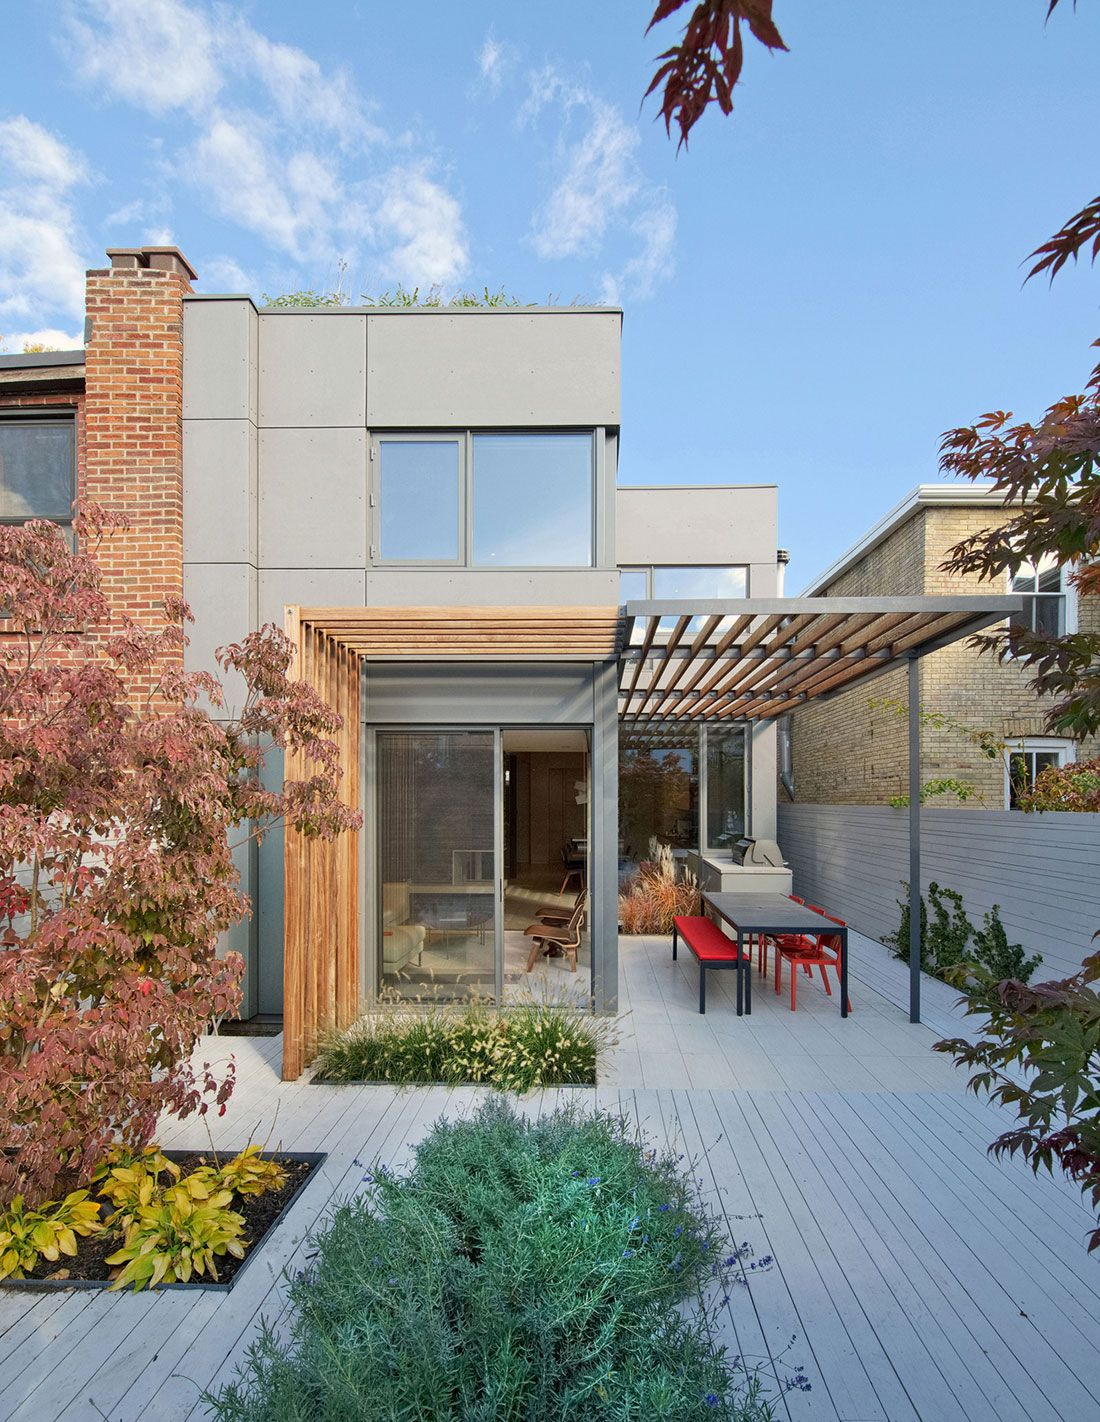 Planos de casa de dos pisos sencilla Pisos para exteriores de casas modernas